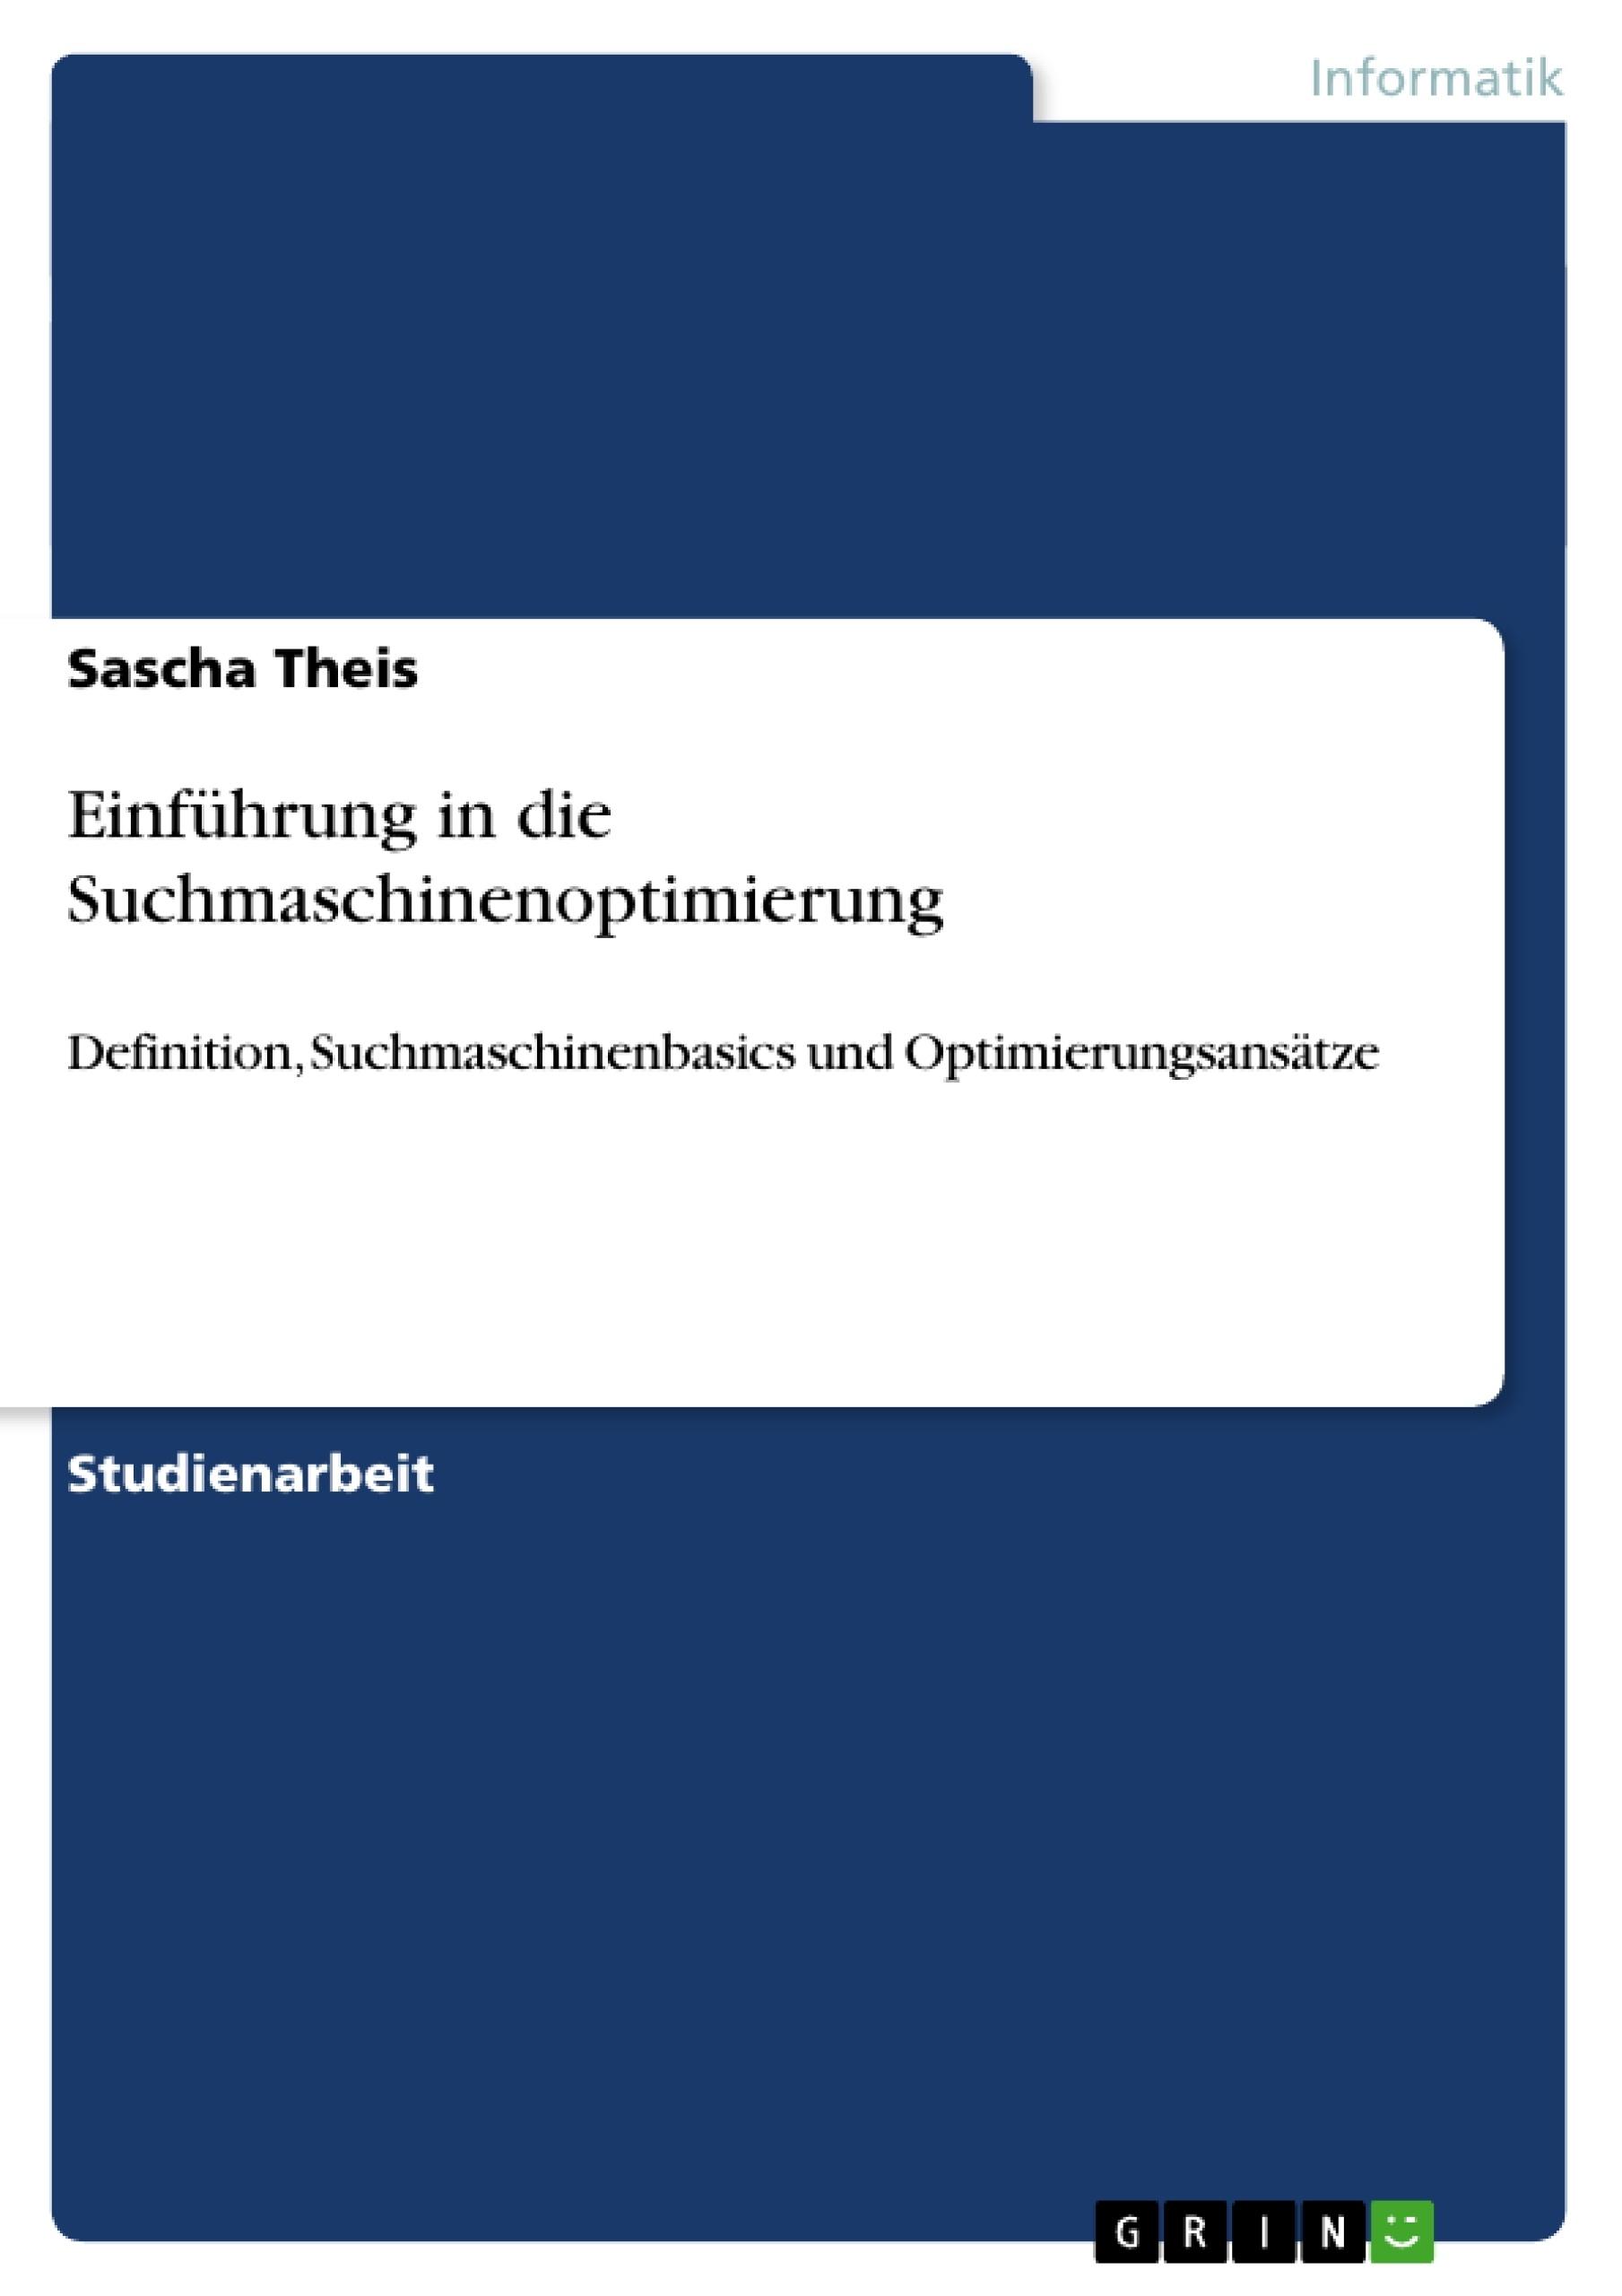 Titel: Einführung in die Suchmaschinenoptimierung